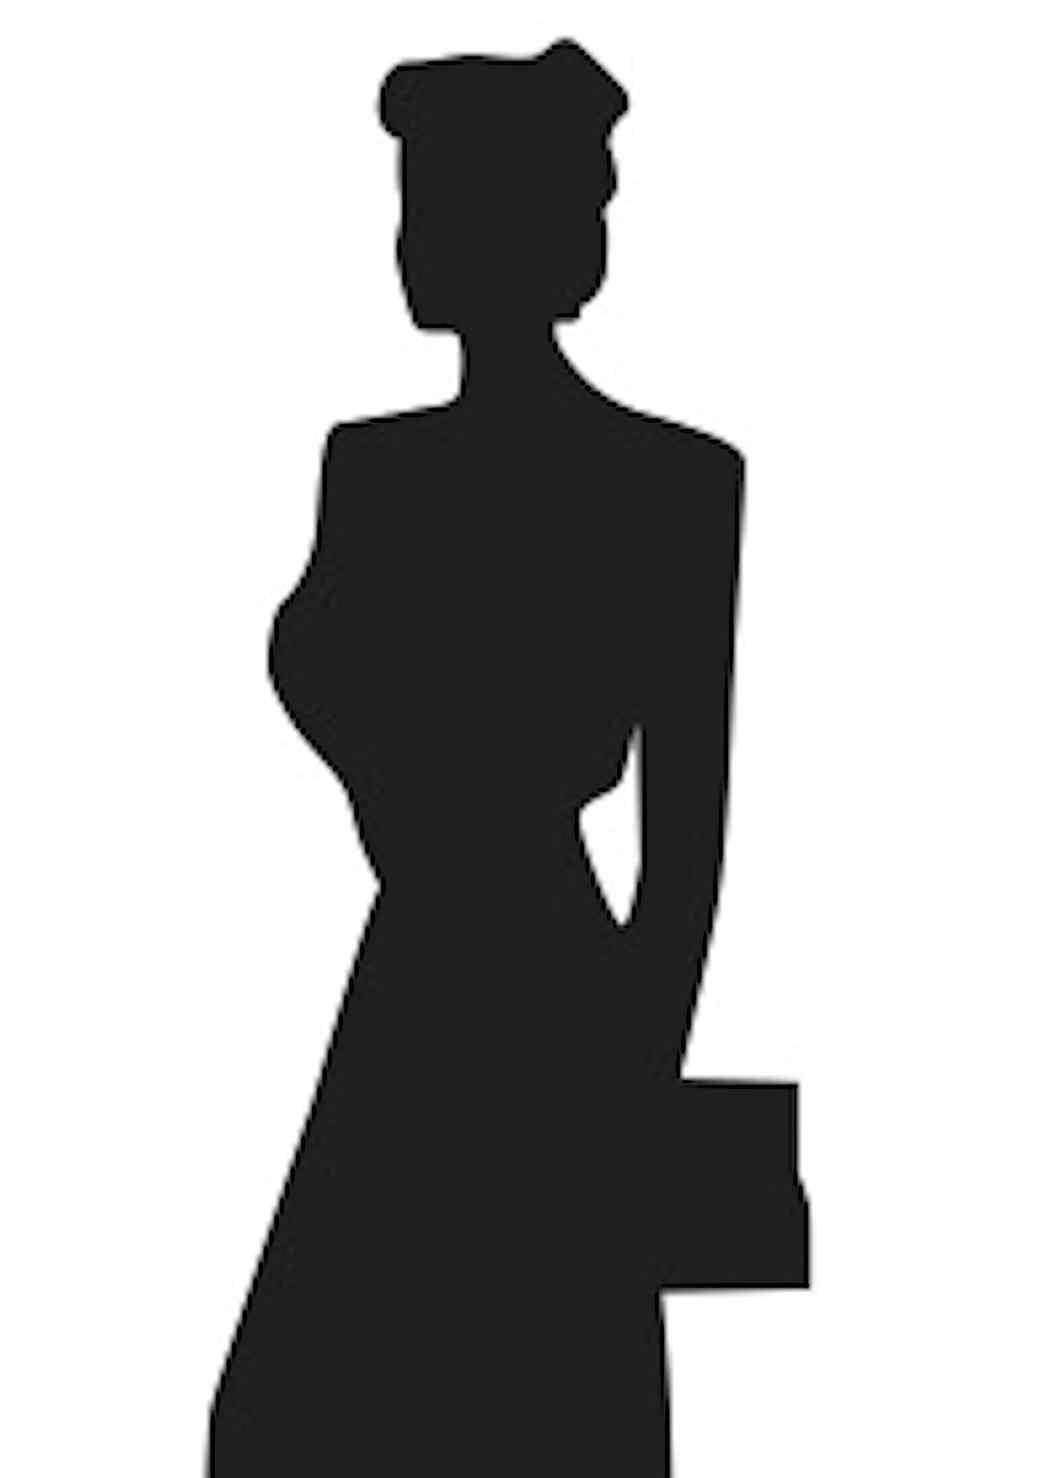 Martha Stewart Silhoutte